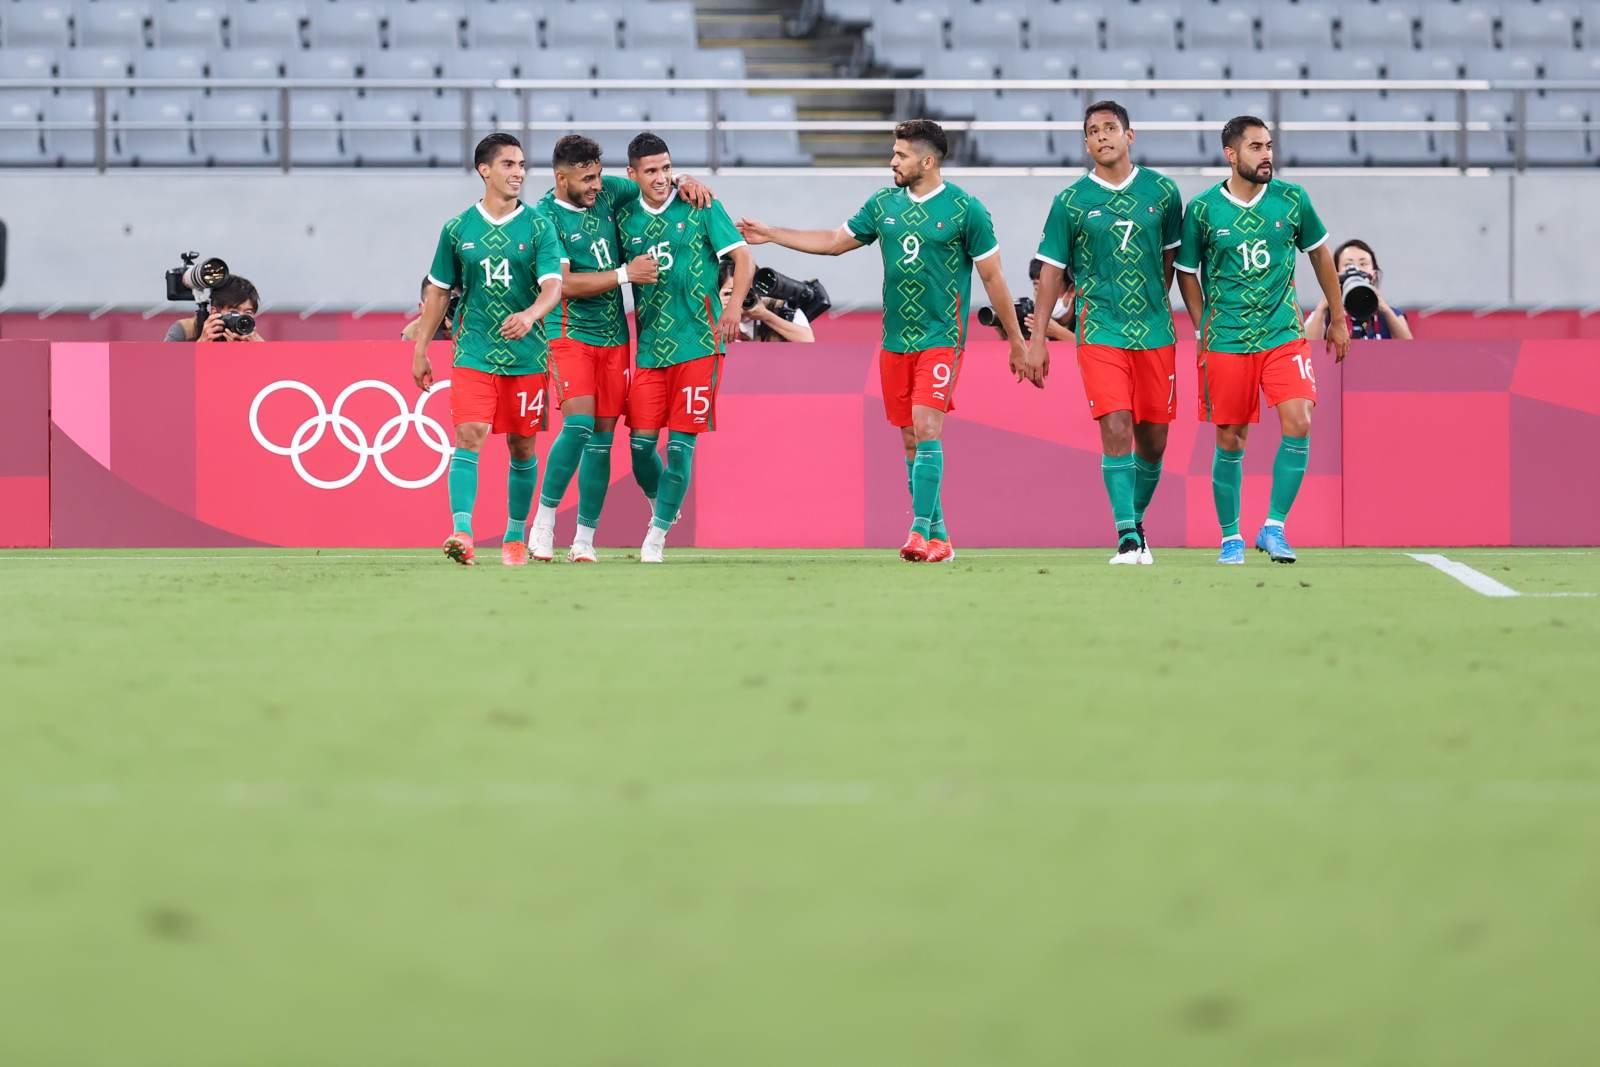 Сборная Мексики выиграла бронзу на Олимпиаде